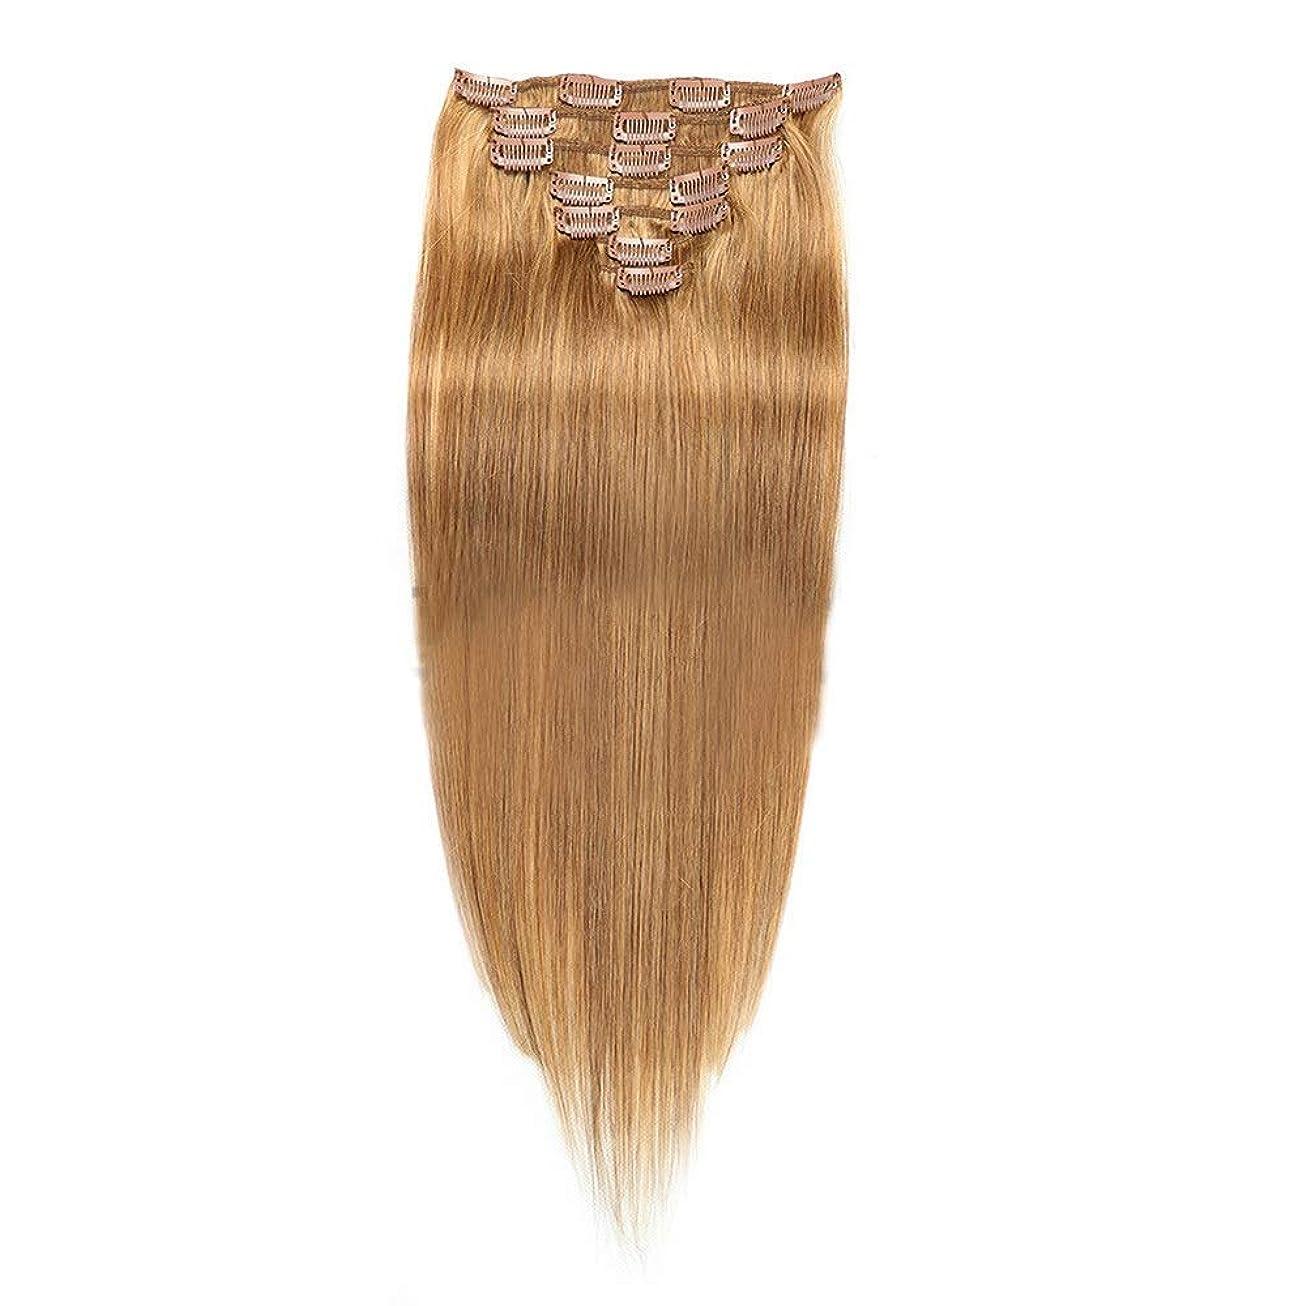 学校教育不条理隙間HOHYLLYA 22インチヘアエクステンション#12明るいブロンドカラーリアルクリップin人間のヘアエクステンションストレートナチュラル探してロールプレイングかつら女性のかつら (色 : #12 bright blonde)